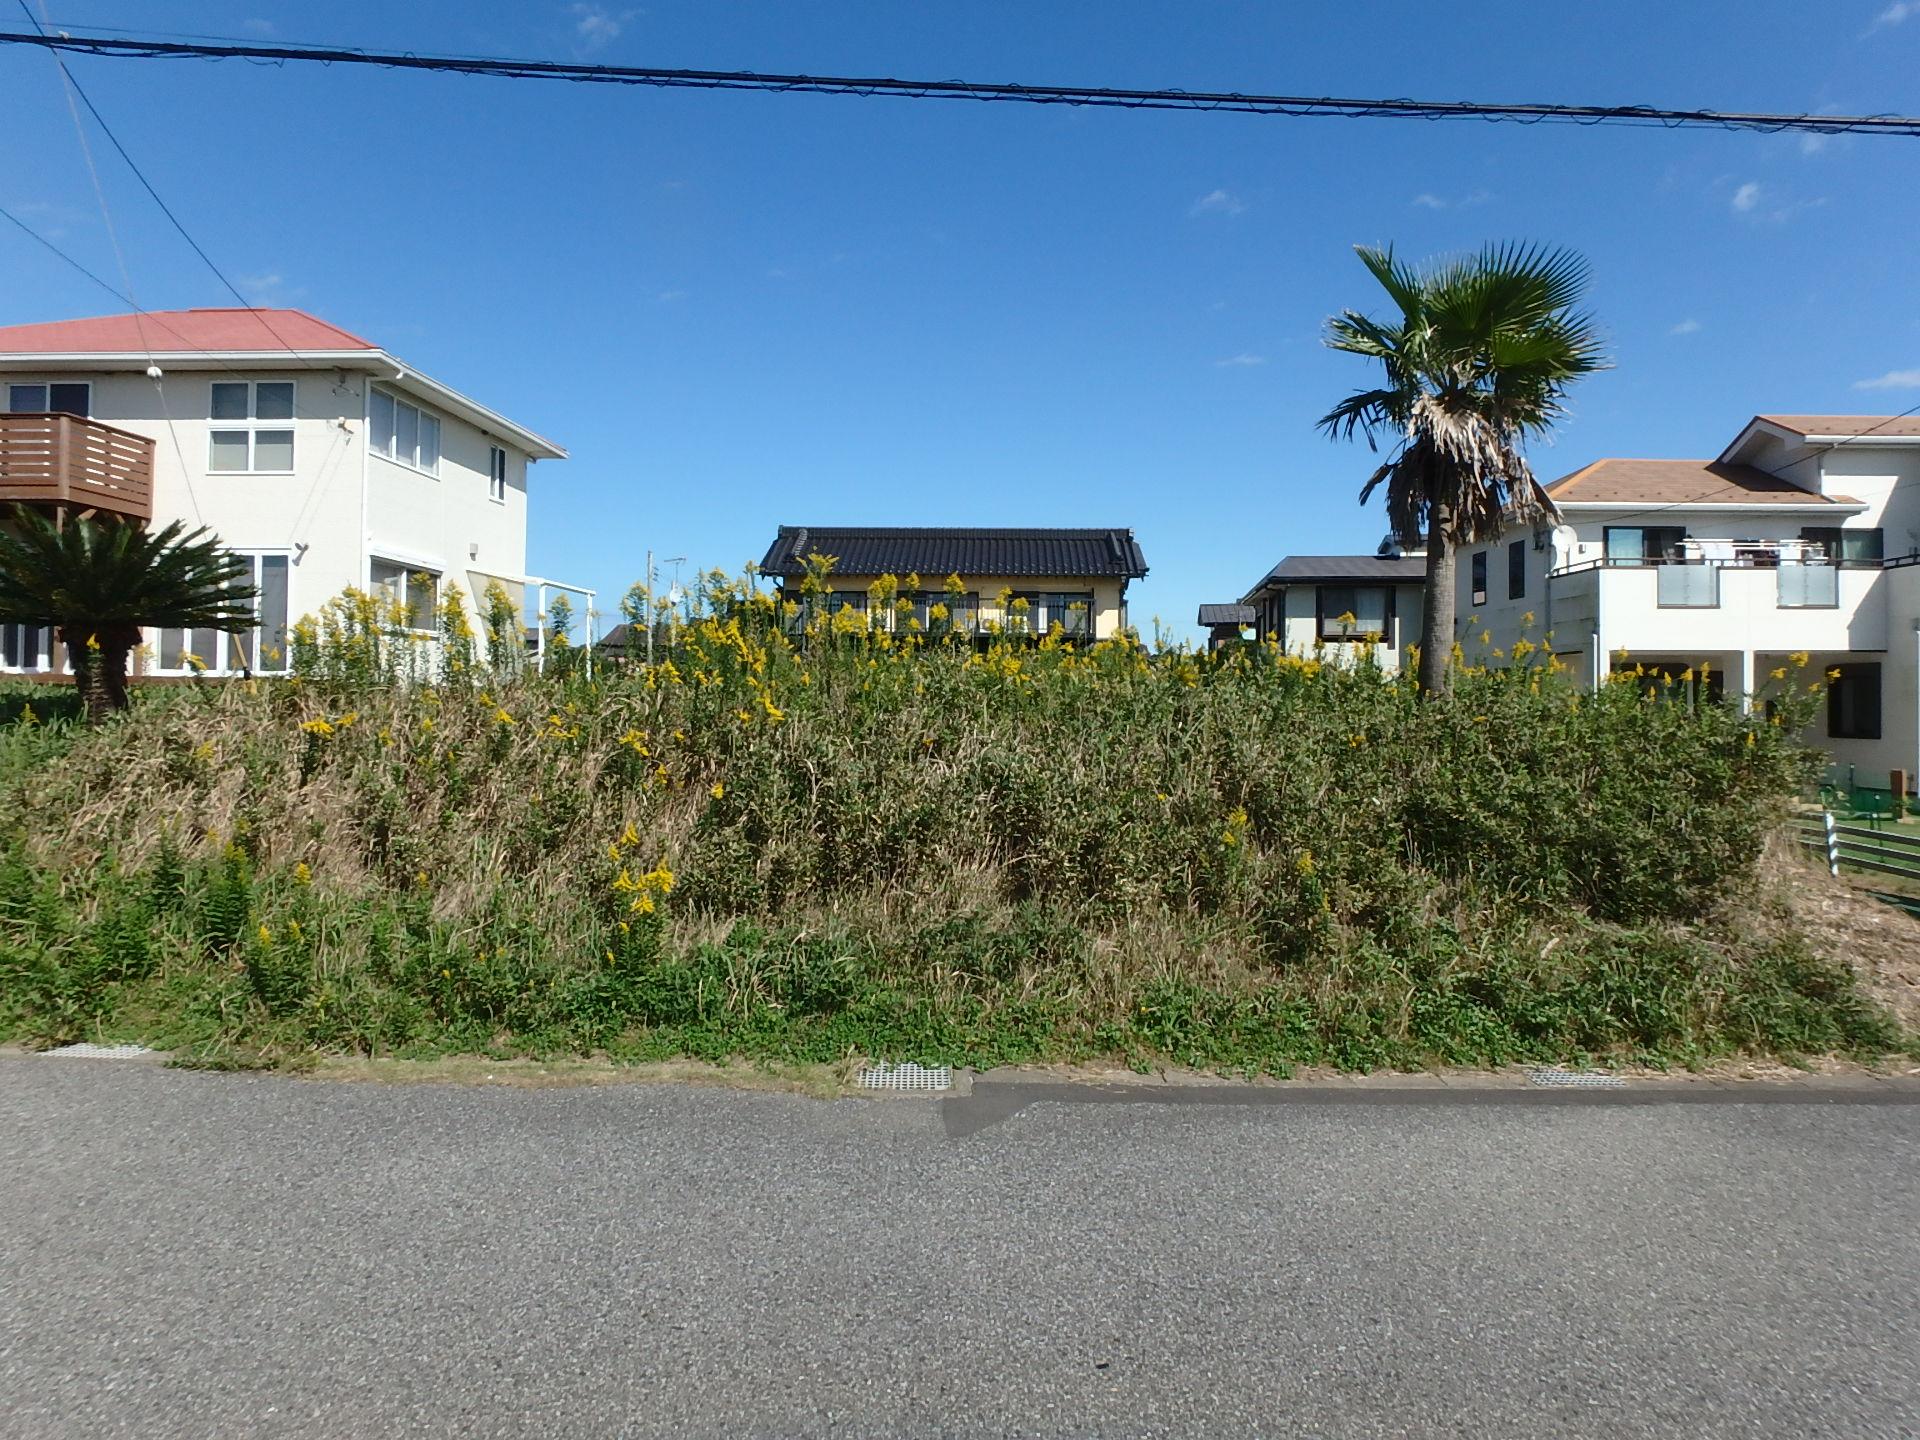 千葉県富津市千種新田の海が見える土地販売再開、別荘用地